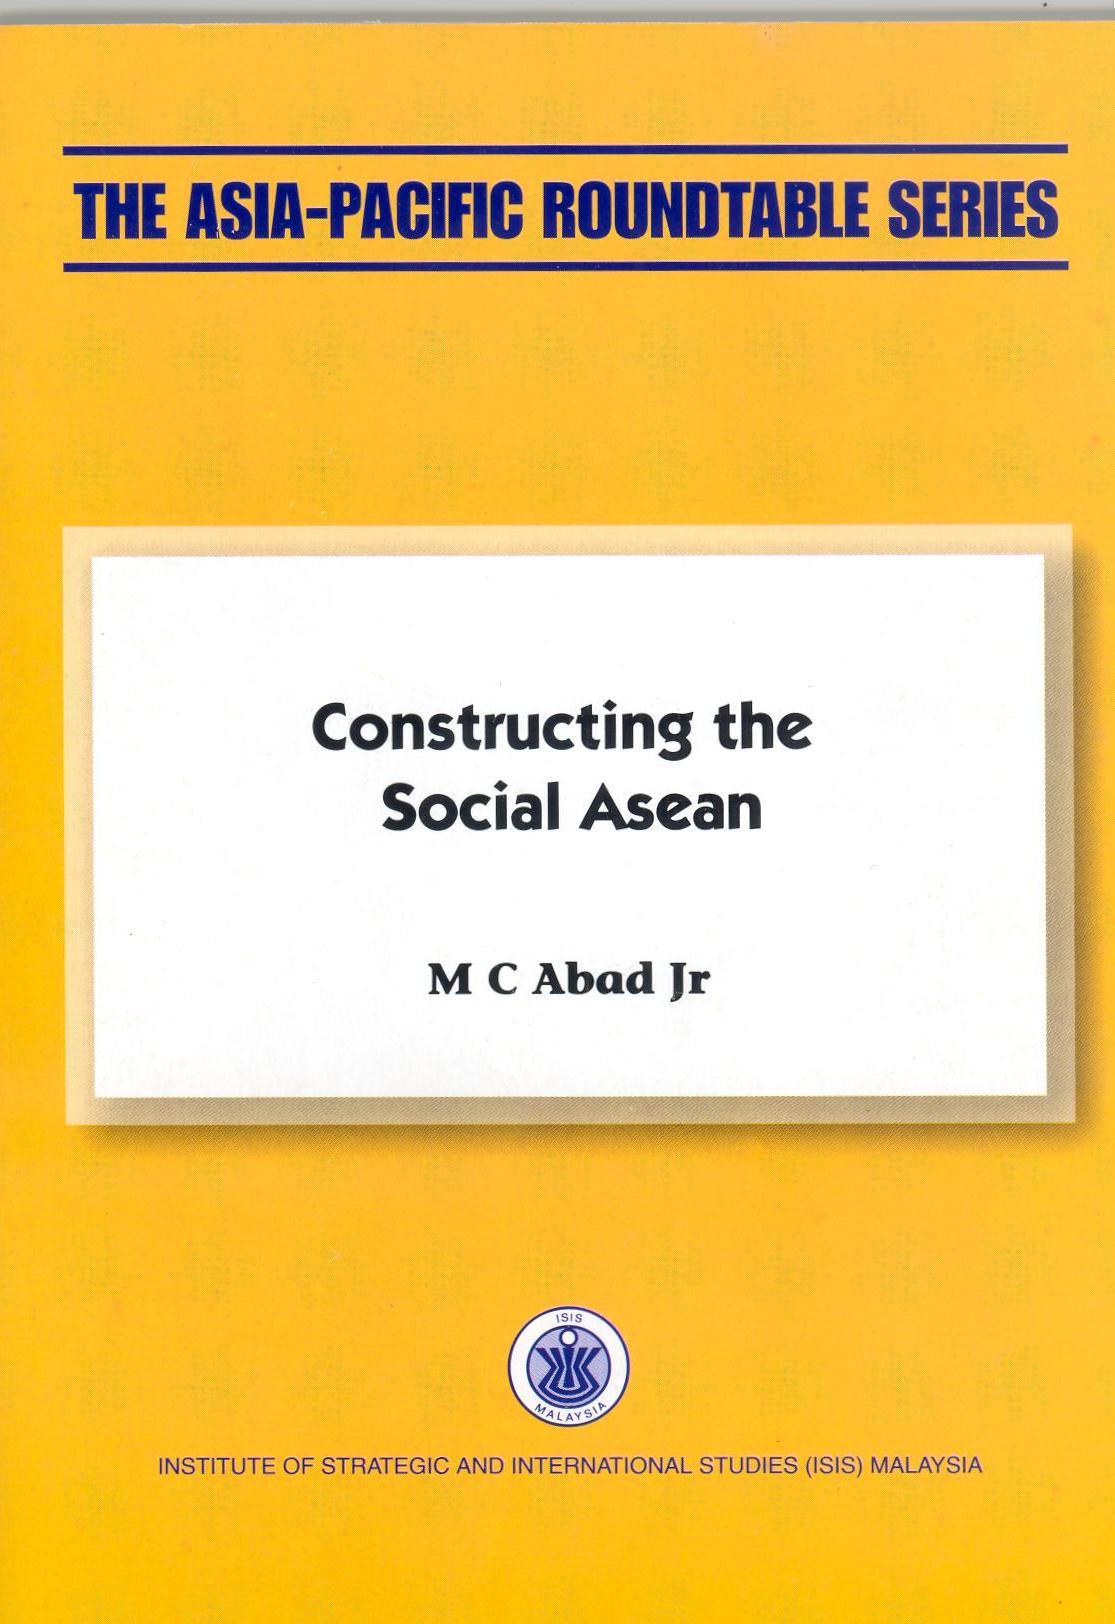 CONSTRUCTING THE SOCIAL ASEAN